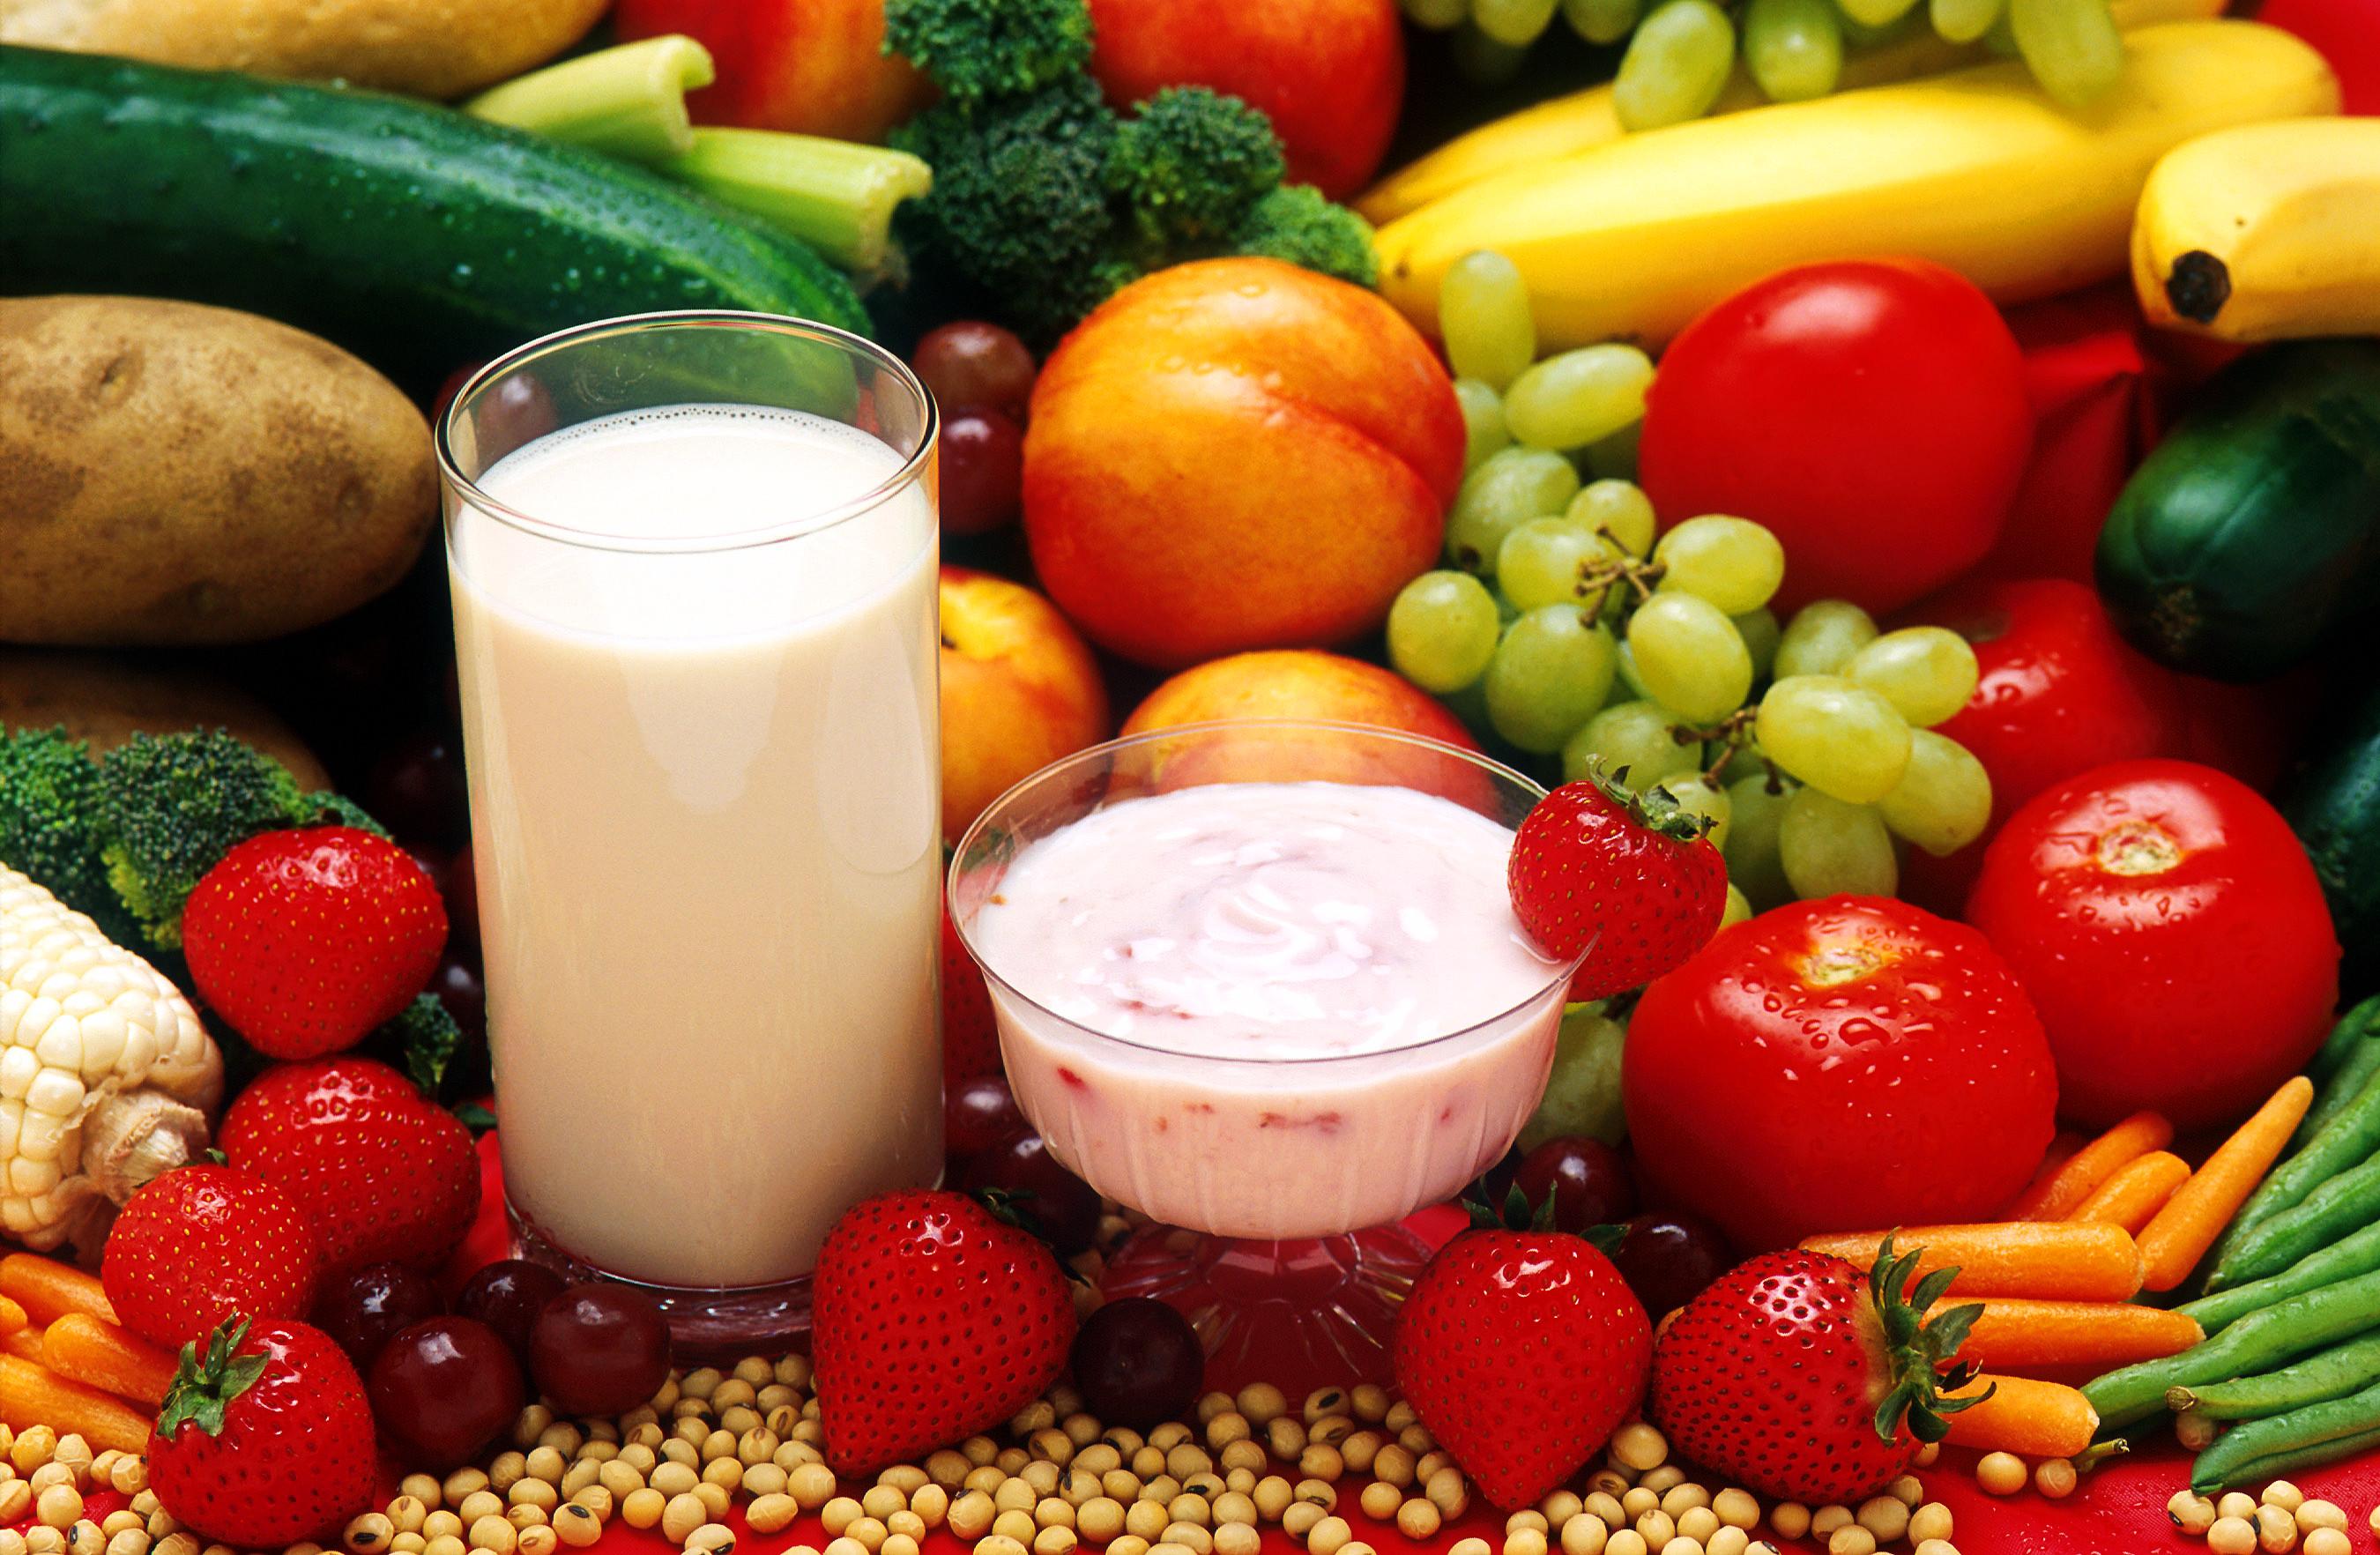 शाकाहारी सम्मेलन कात्तिक २९ देखि काठमाडौंमा